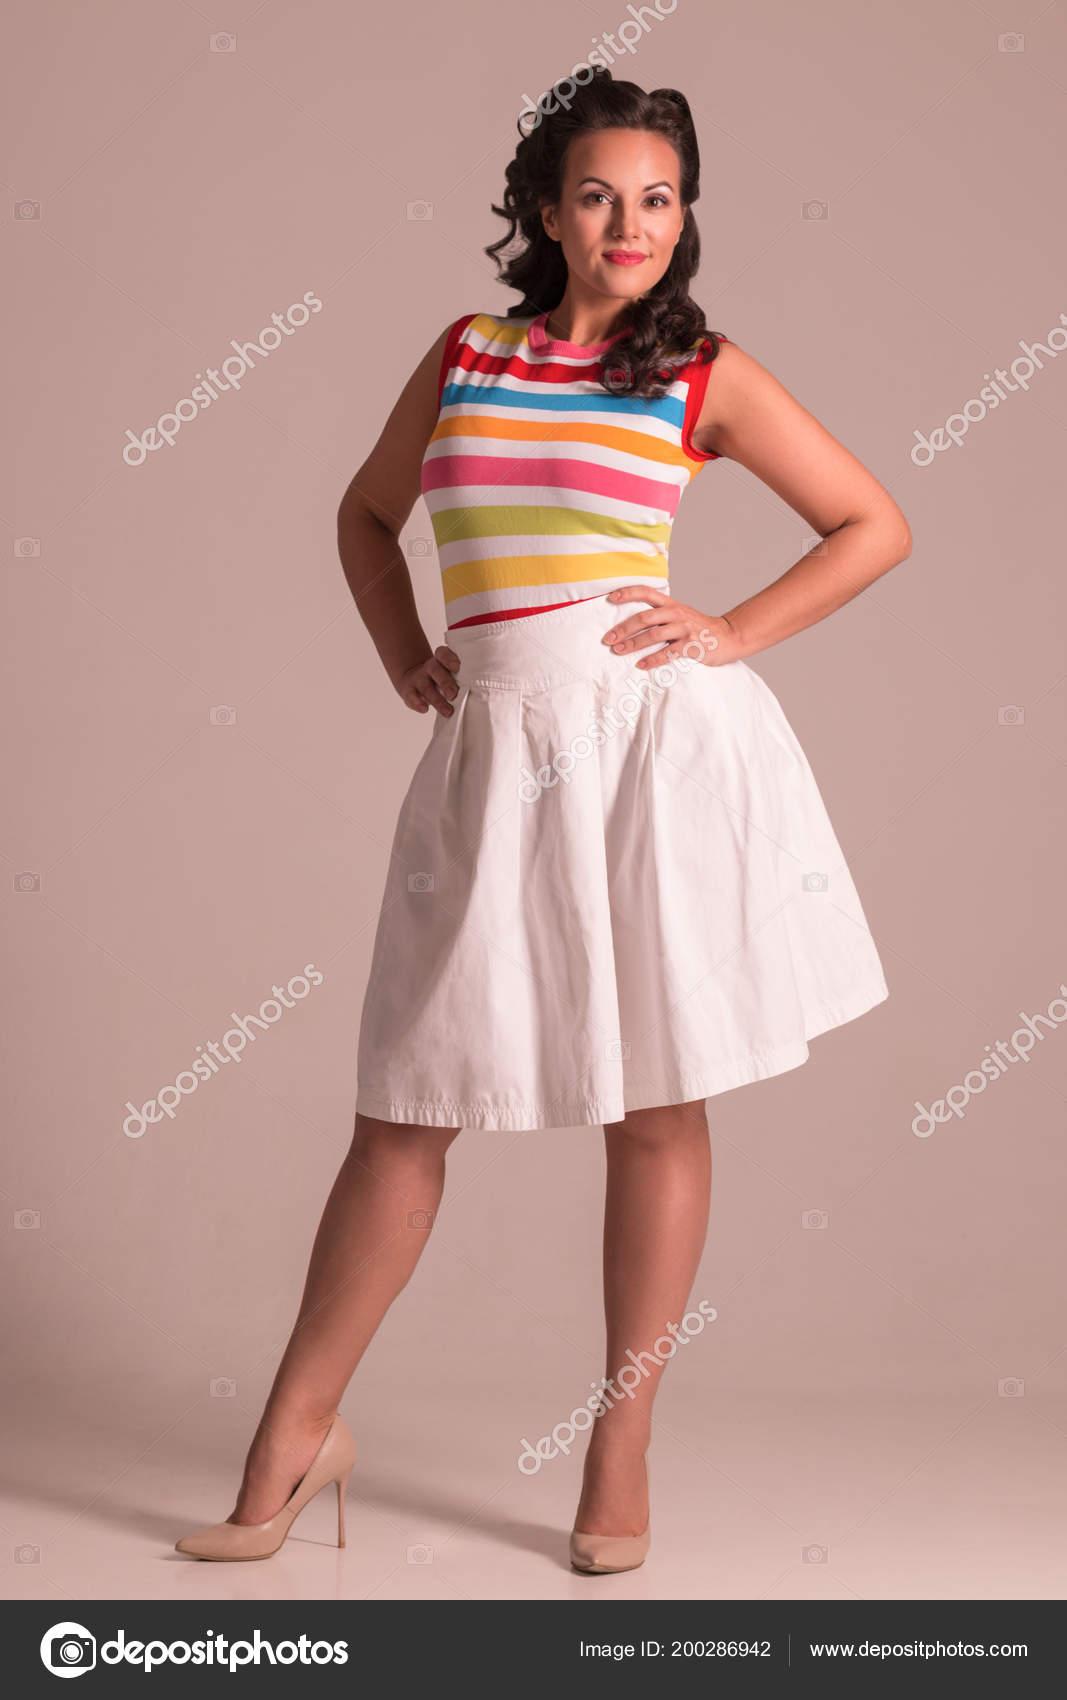 8110152cc Sonriente Mujer Falda Con Poses Peinado Estudio Gris Pin Estilo ...